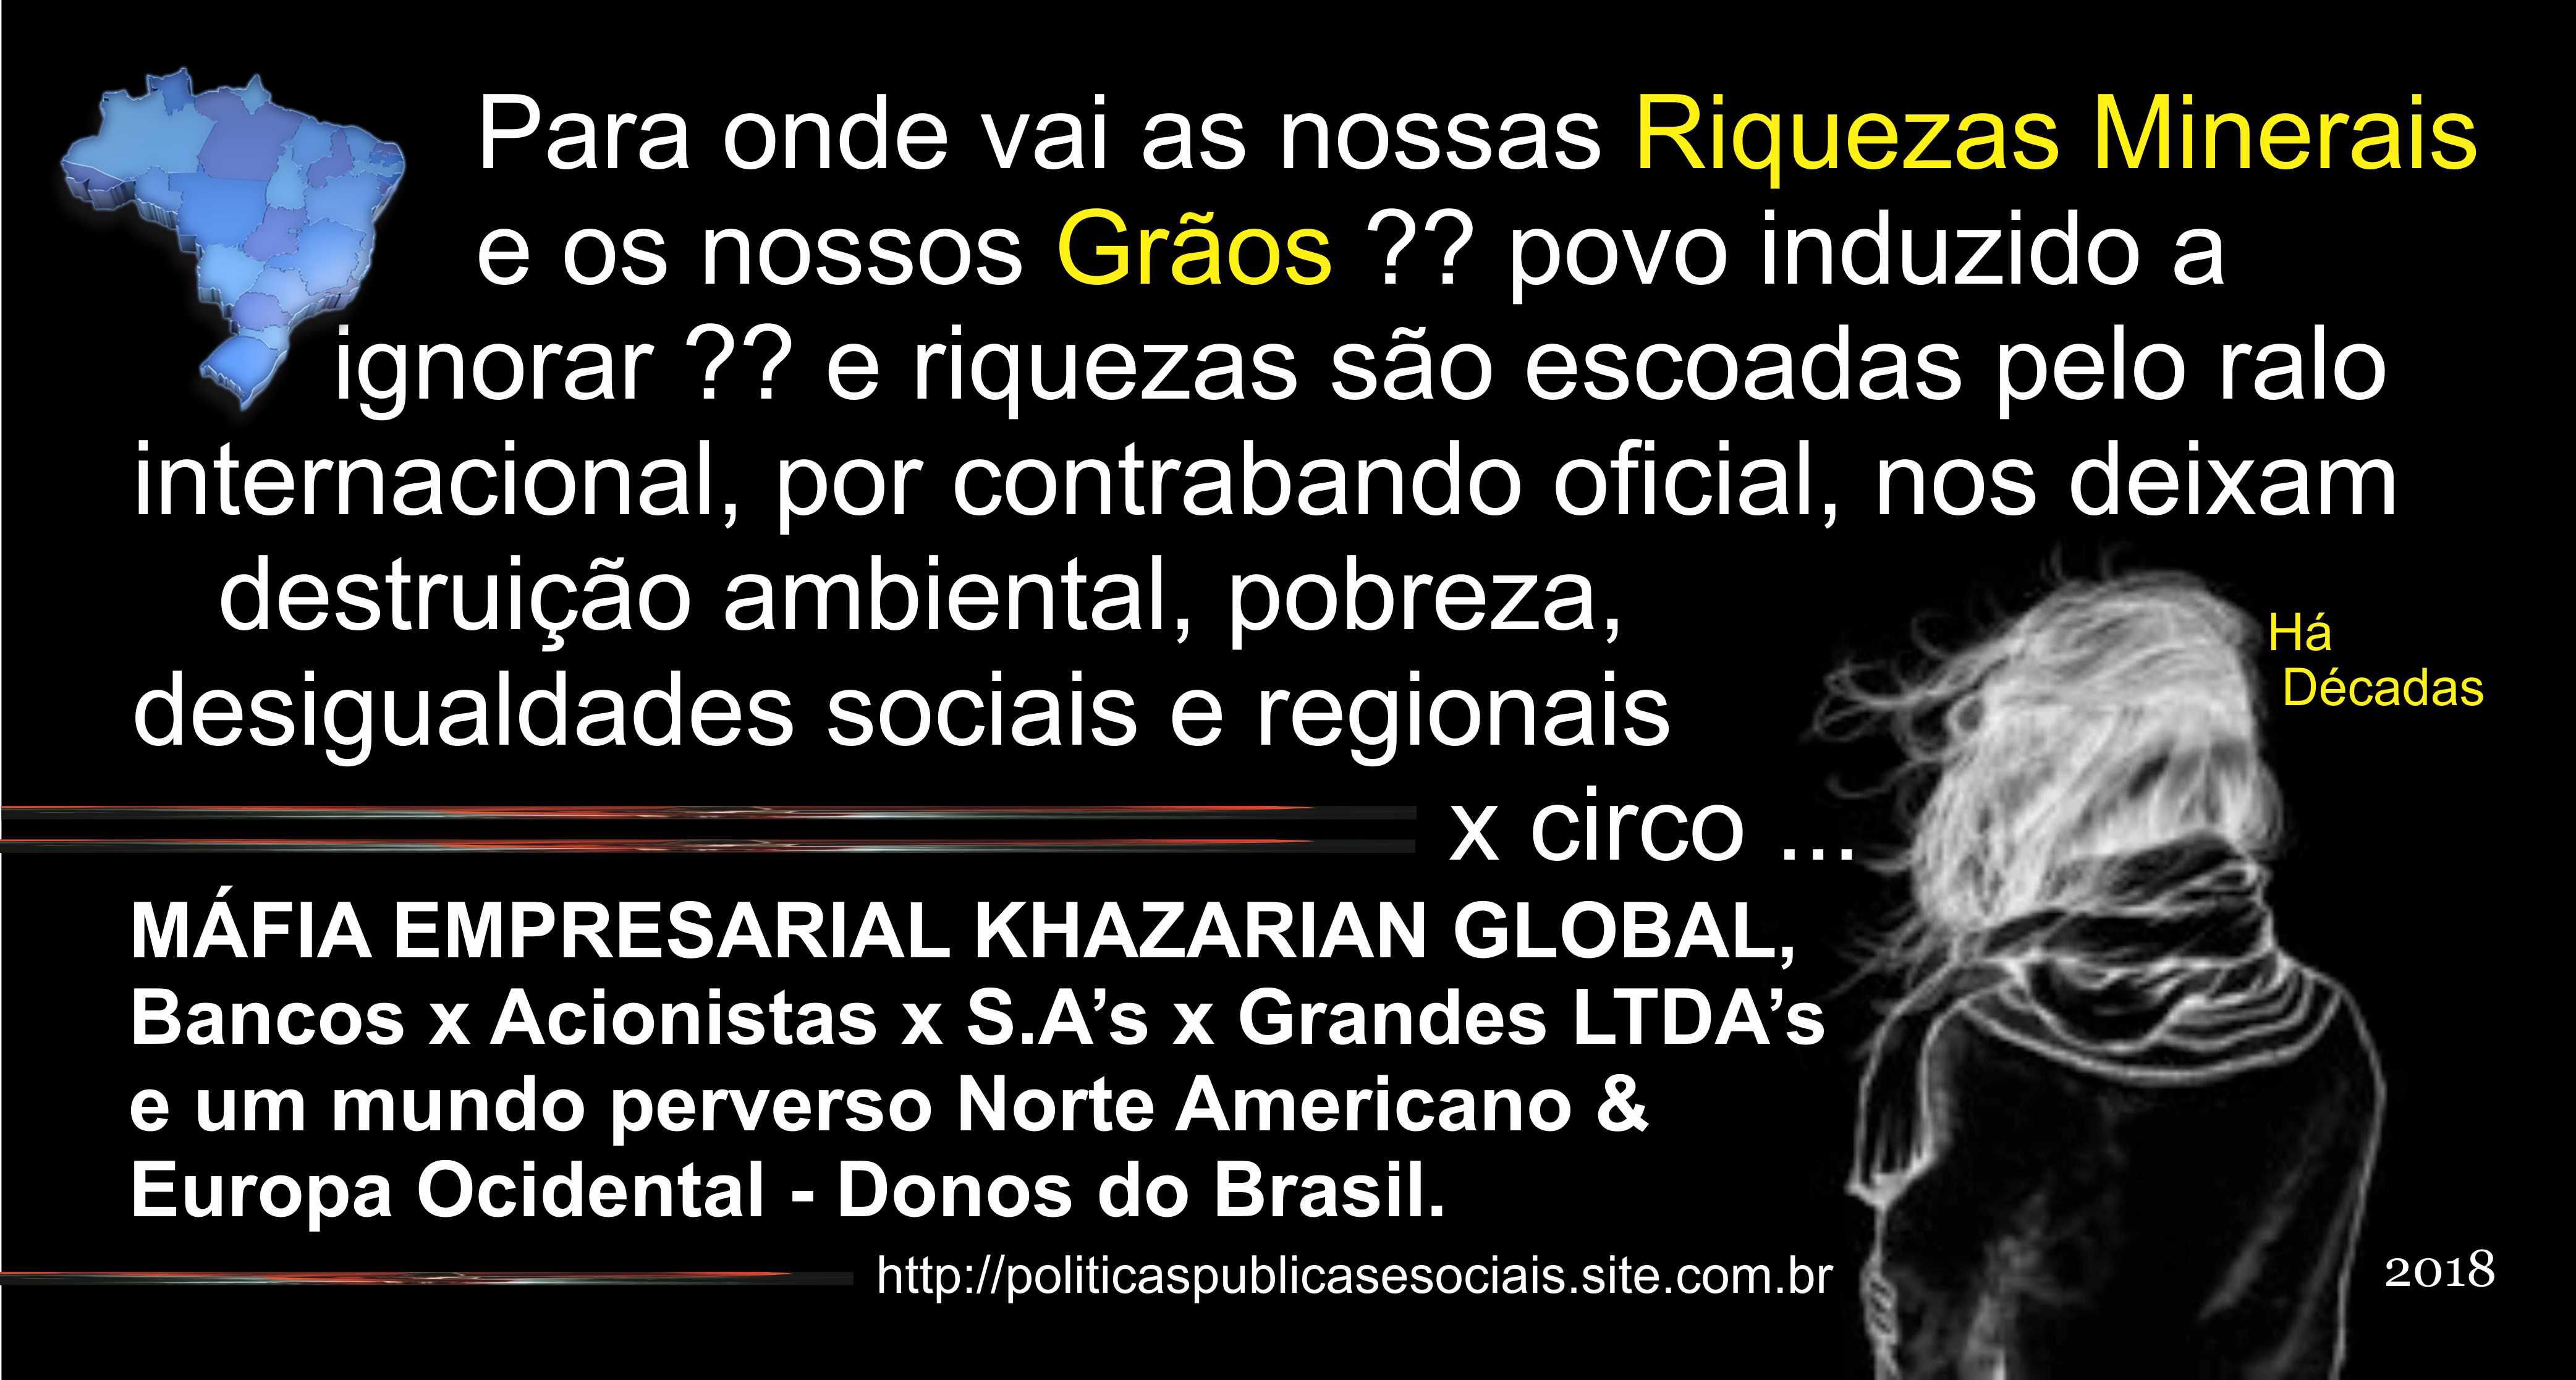 RIQUEZAS MINERAIS X GRÃOS BRASIL 001